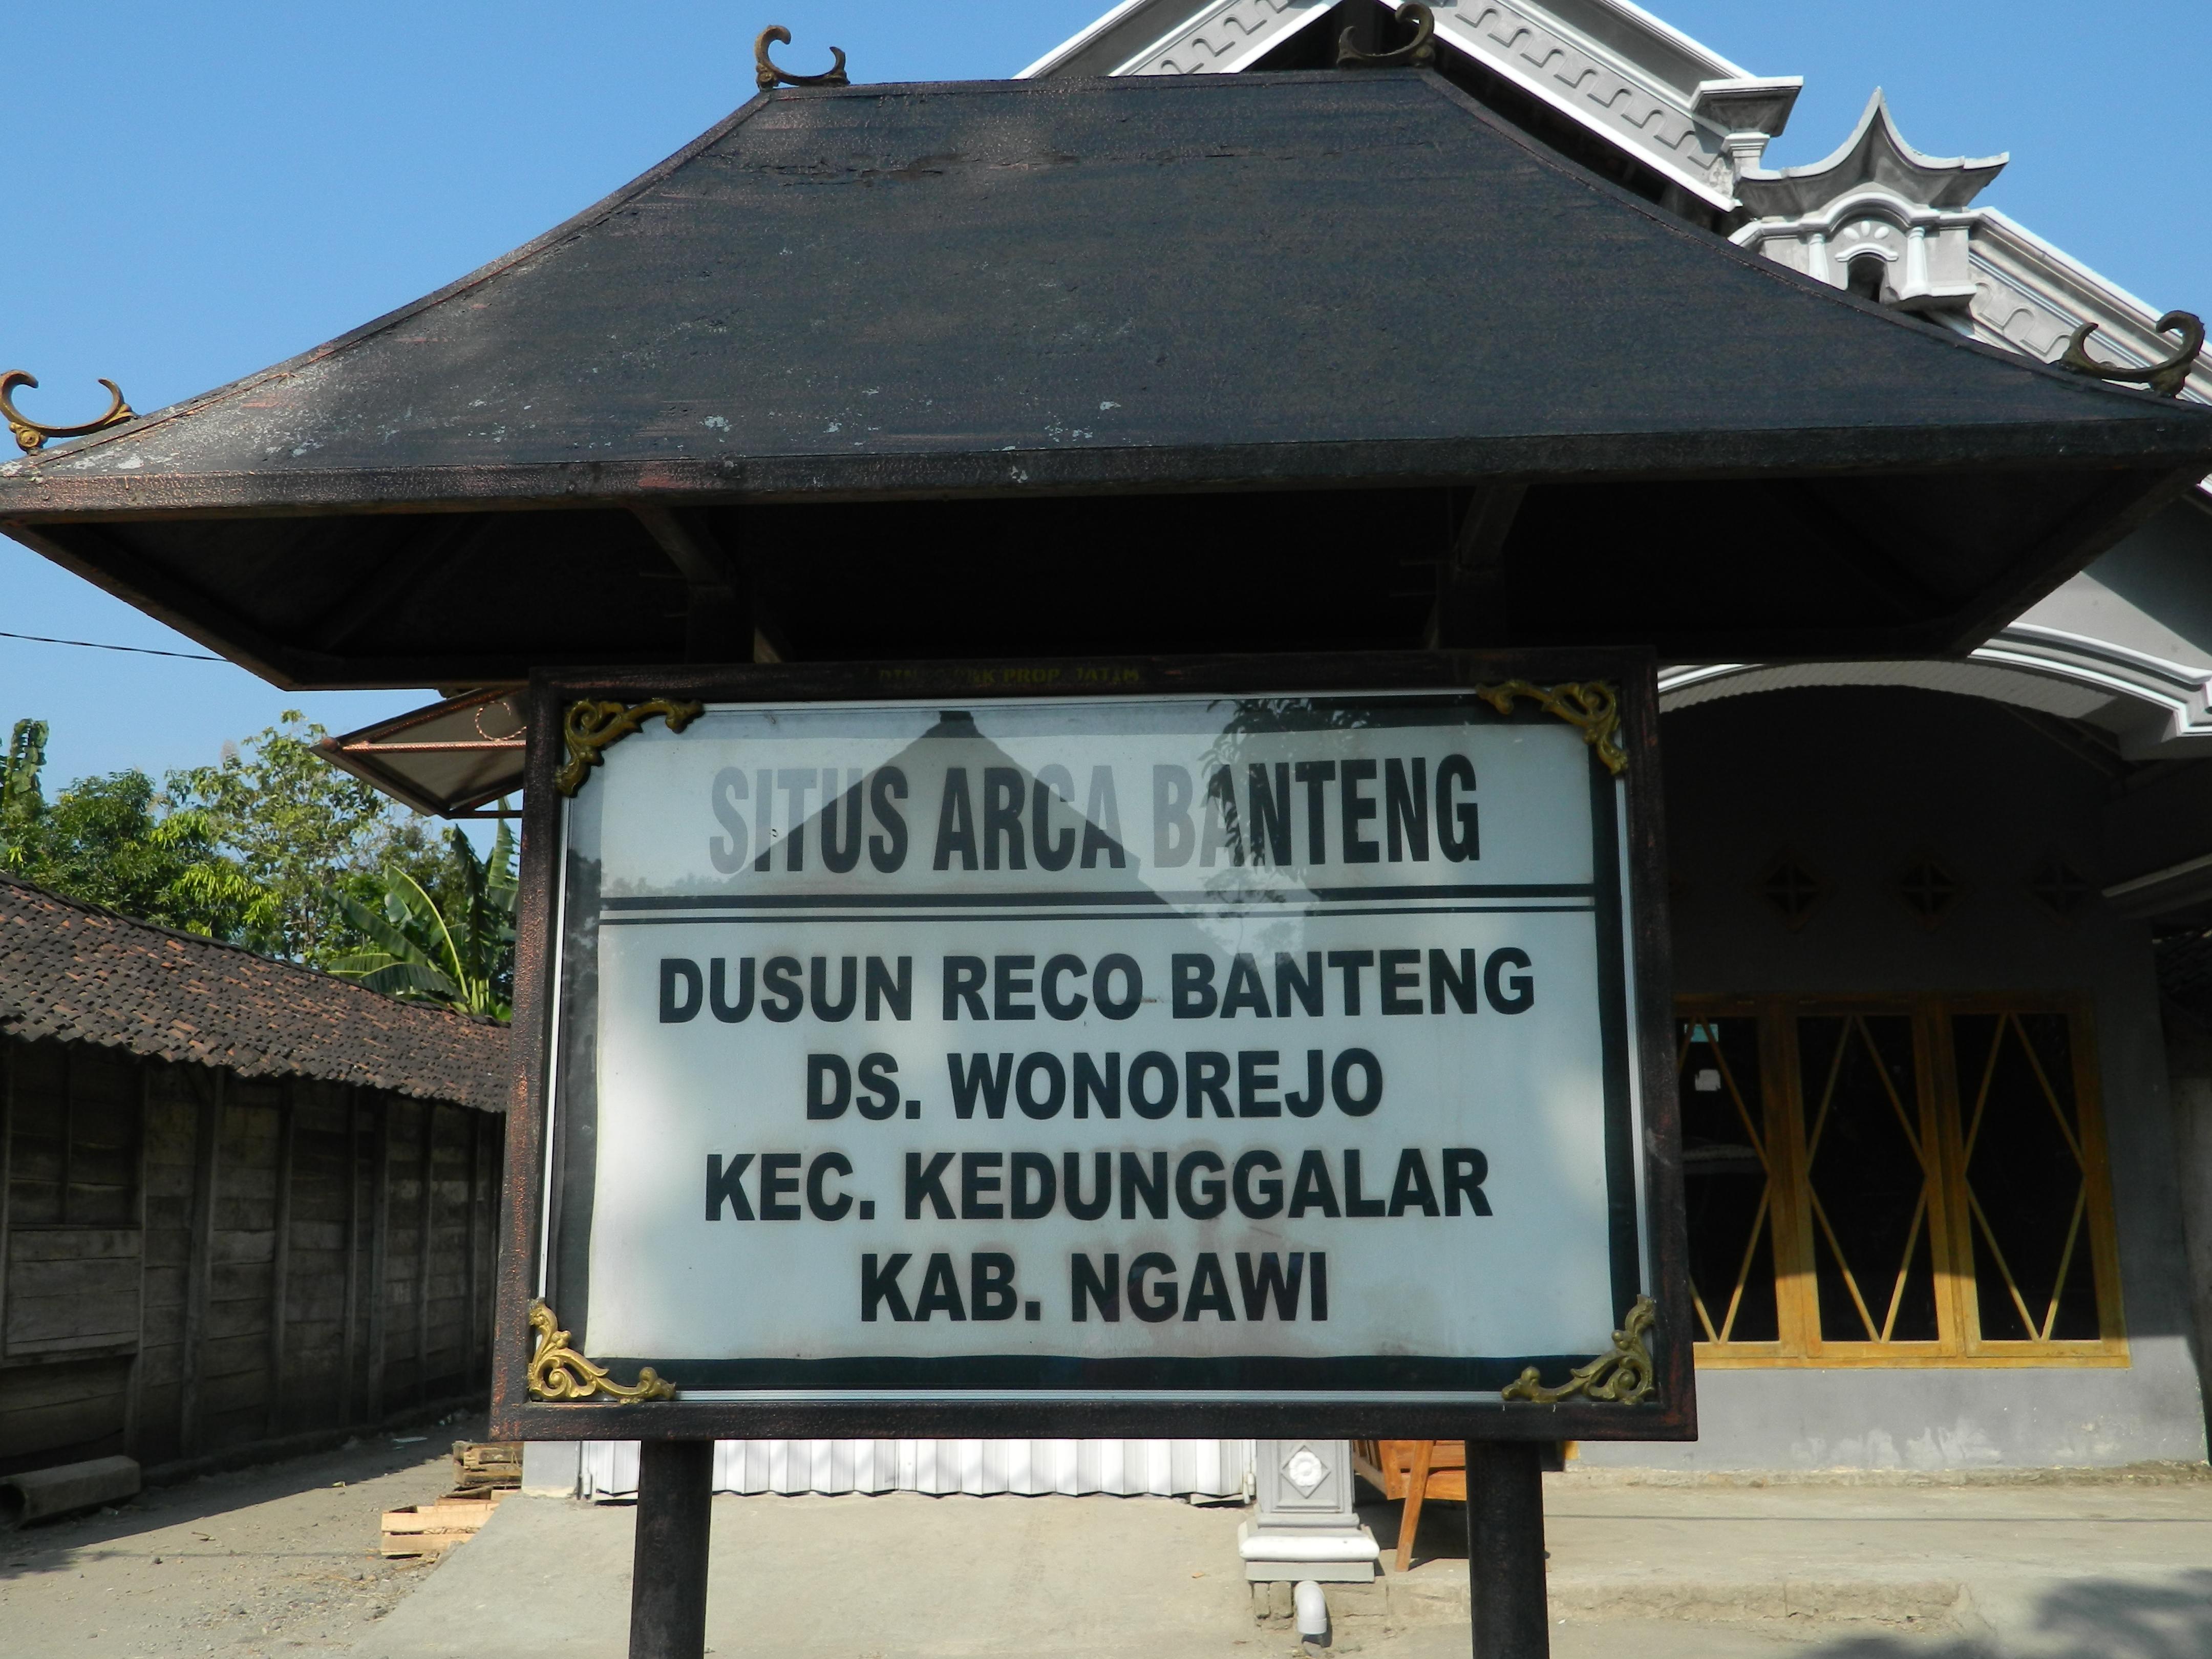 Purbakala Ngawikab Museumjatim Situs Arca Banteng Reco Kab Ngawi